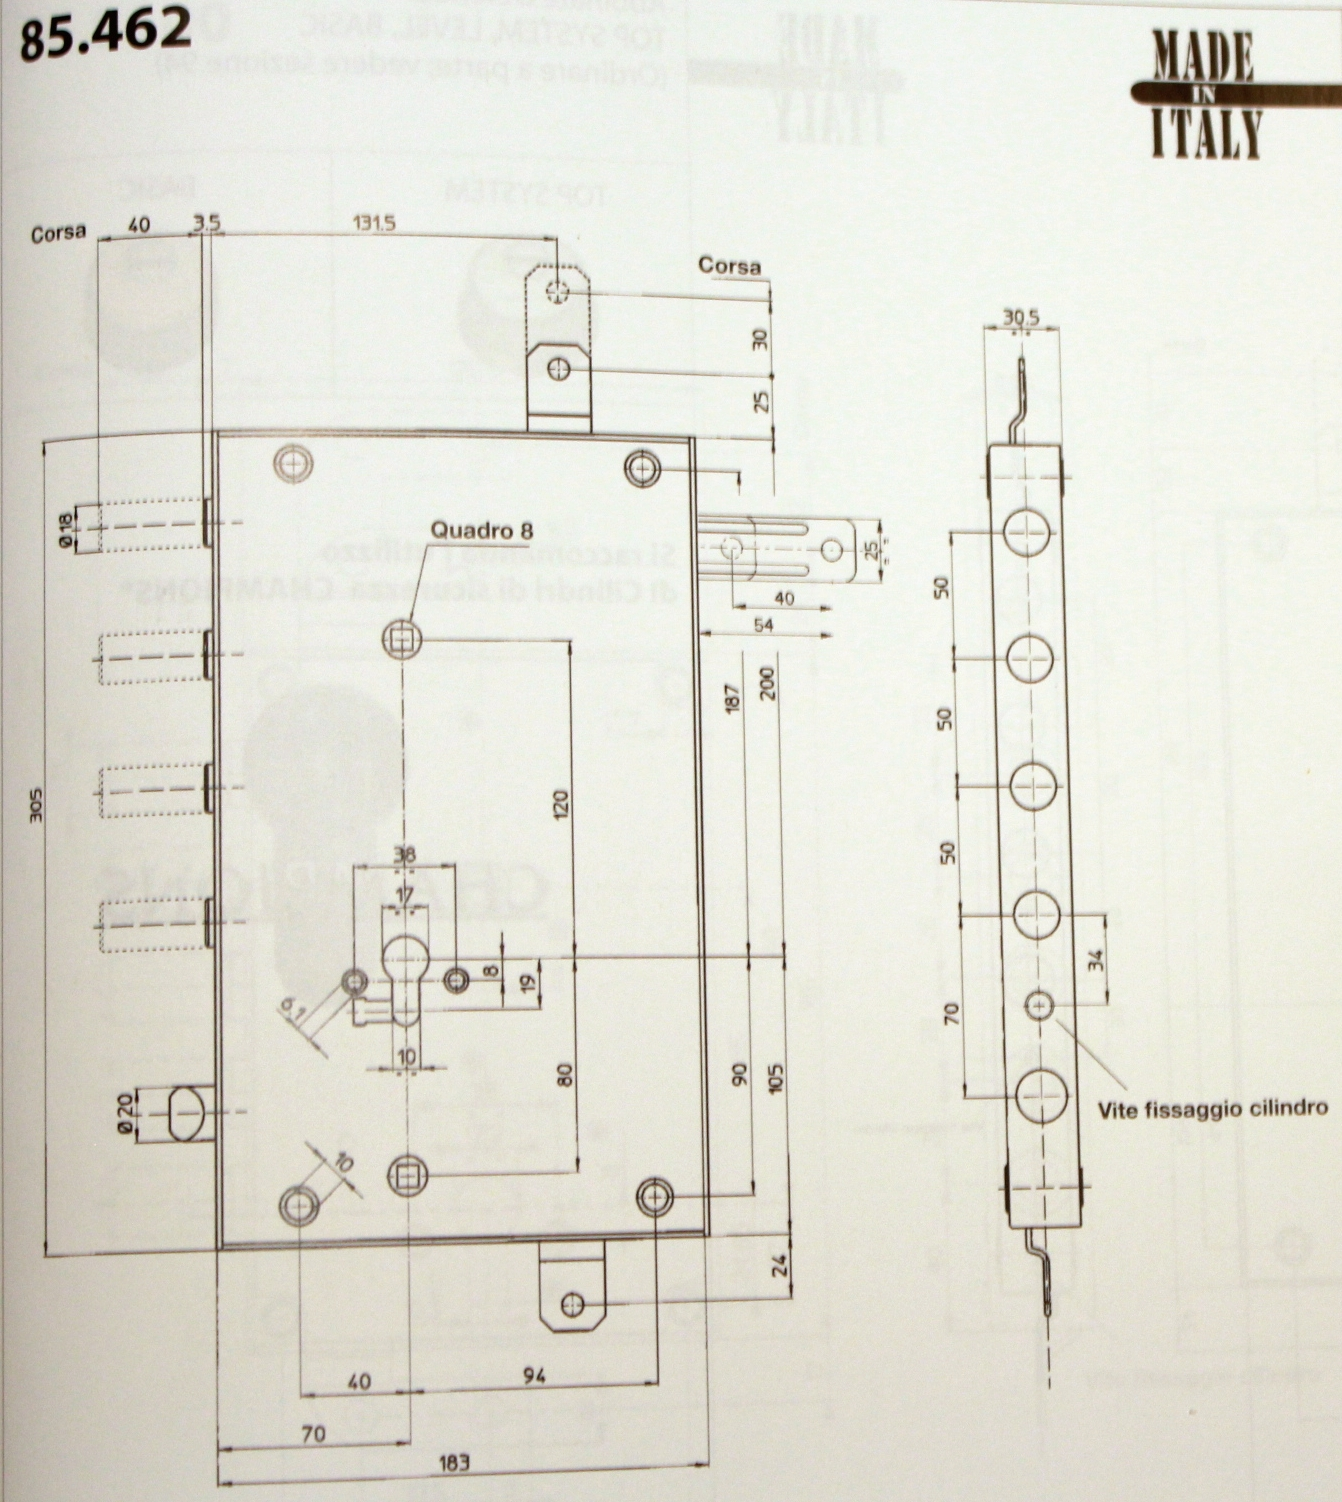 Mottura serrature cilindro europeo - vendita ottimi prezzi